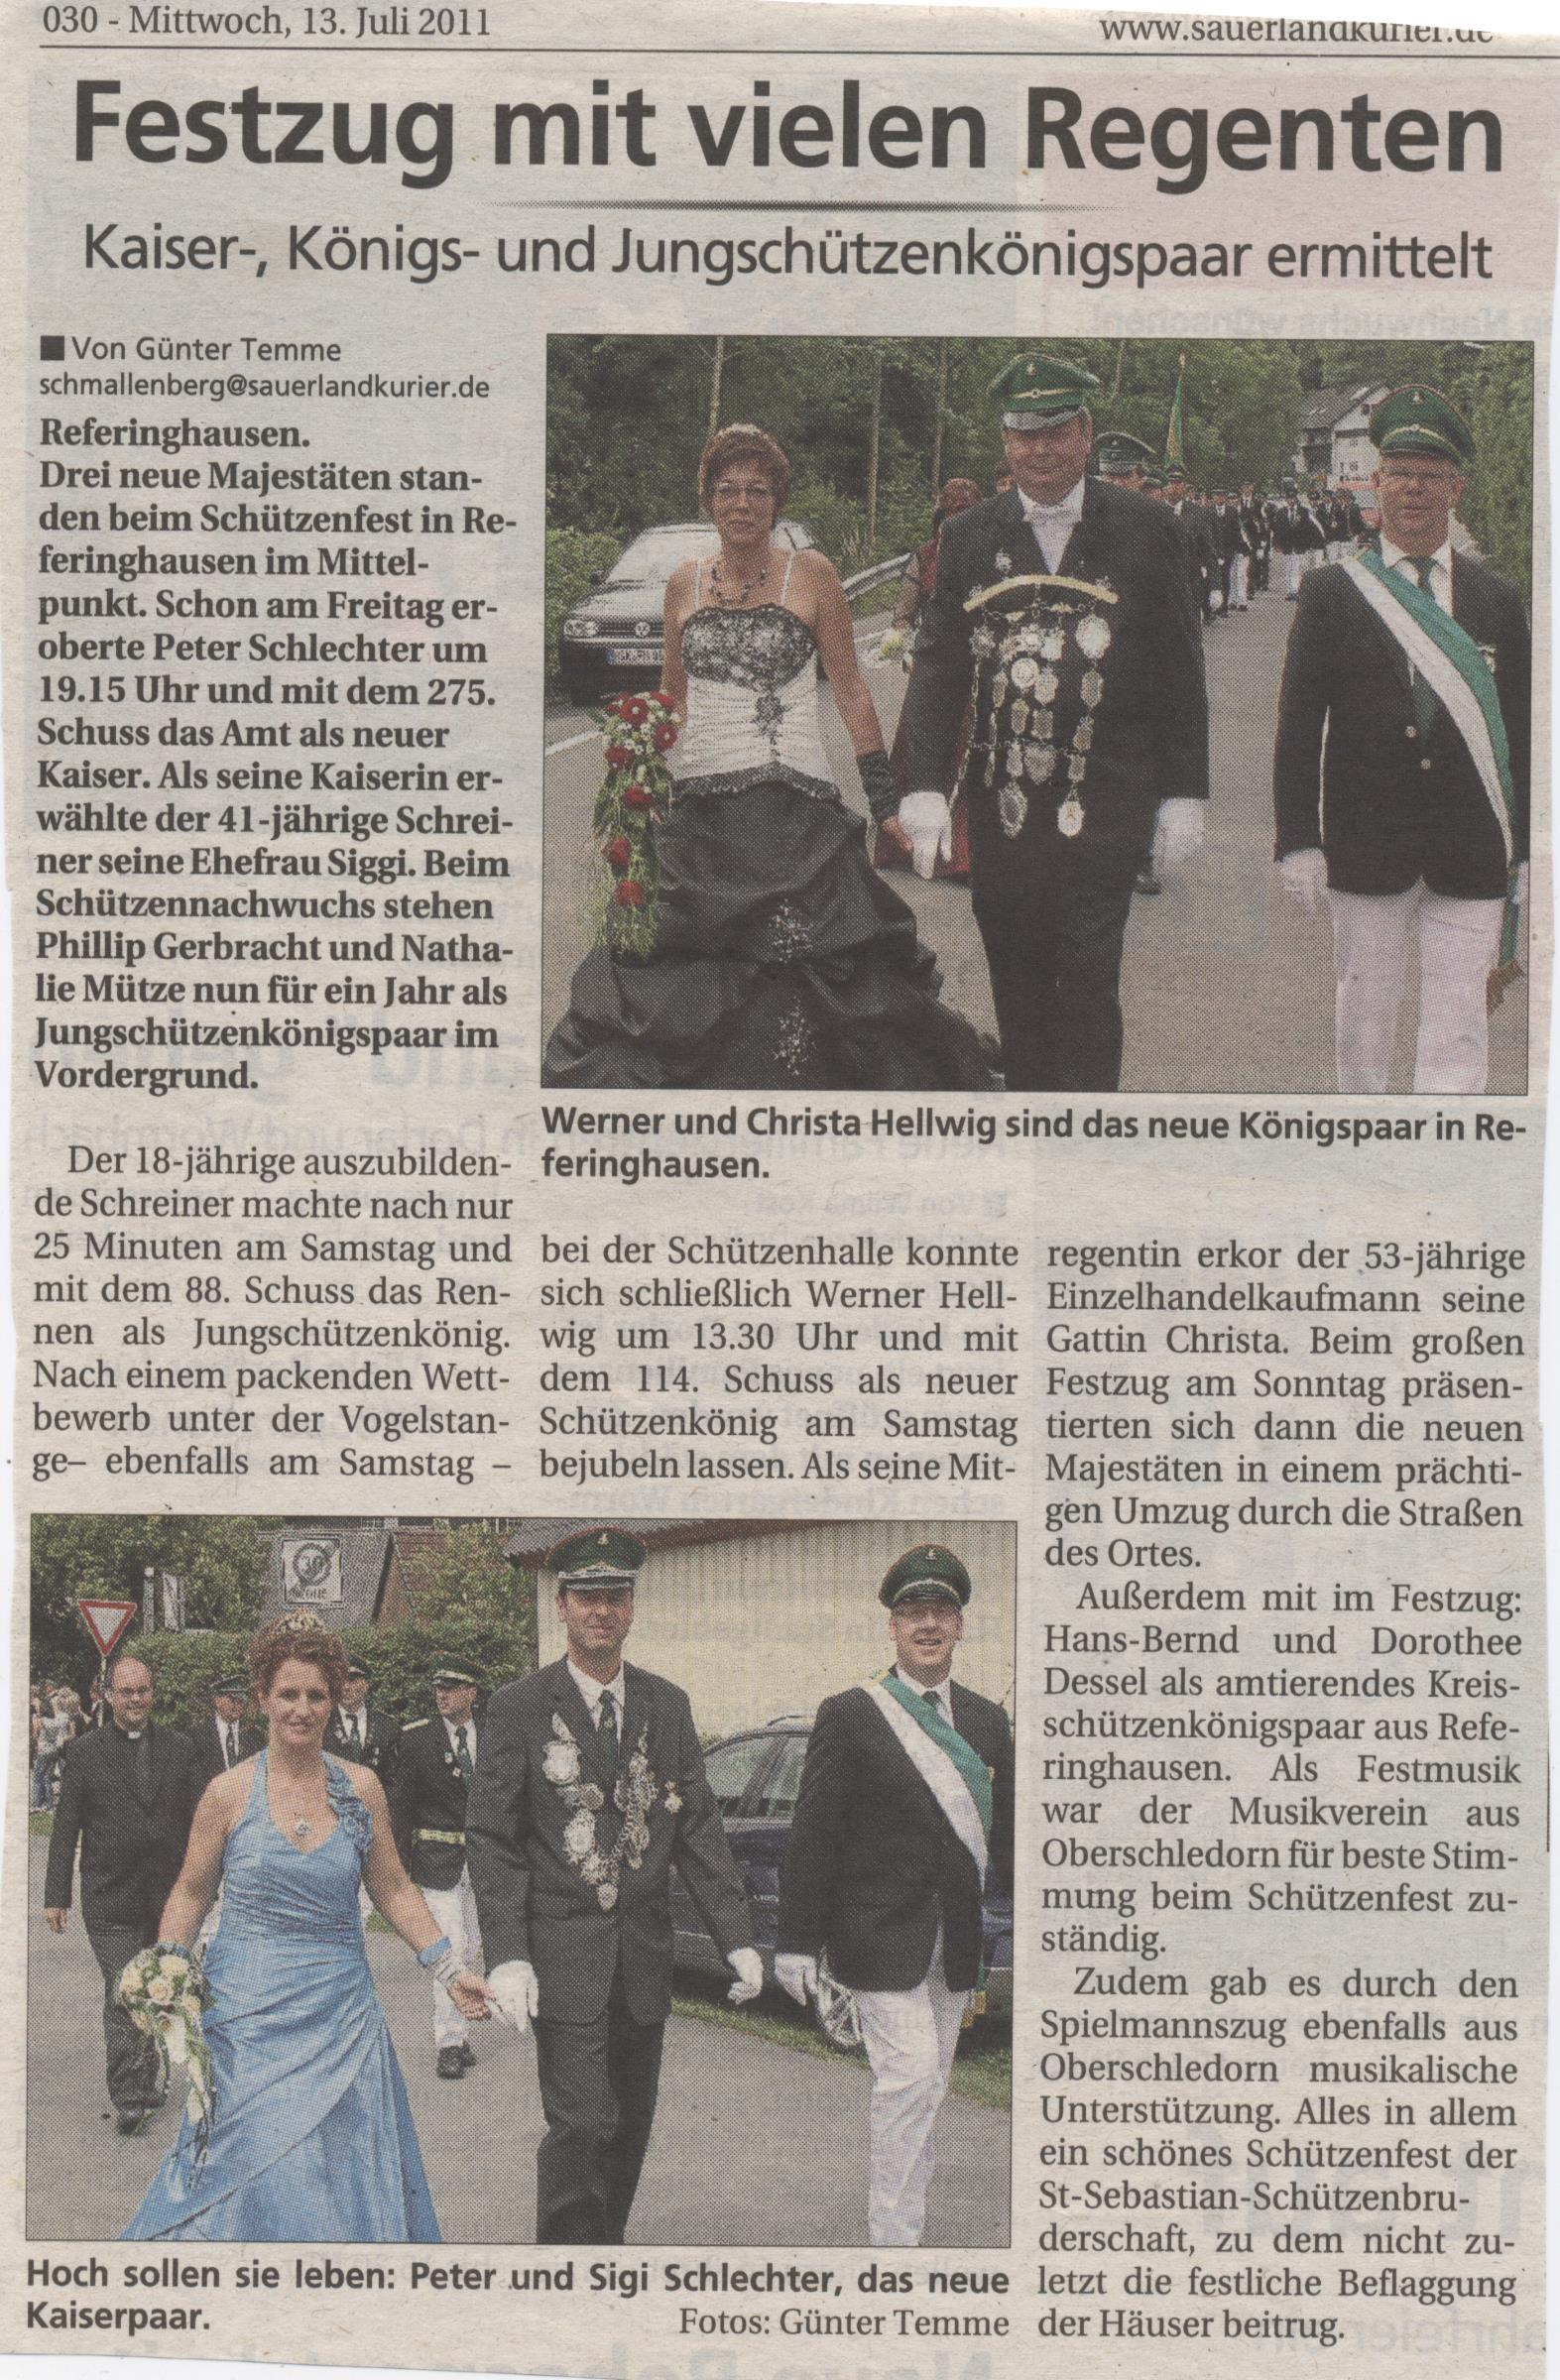 Neues Kaiser-, Königs- und Jungschützenkönigspaar ermittelt